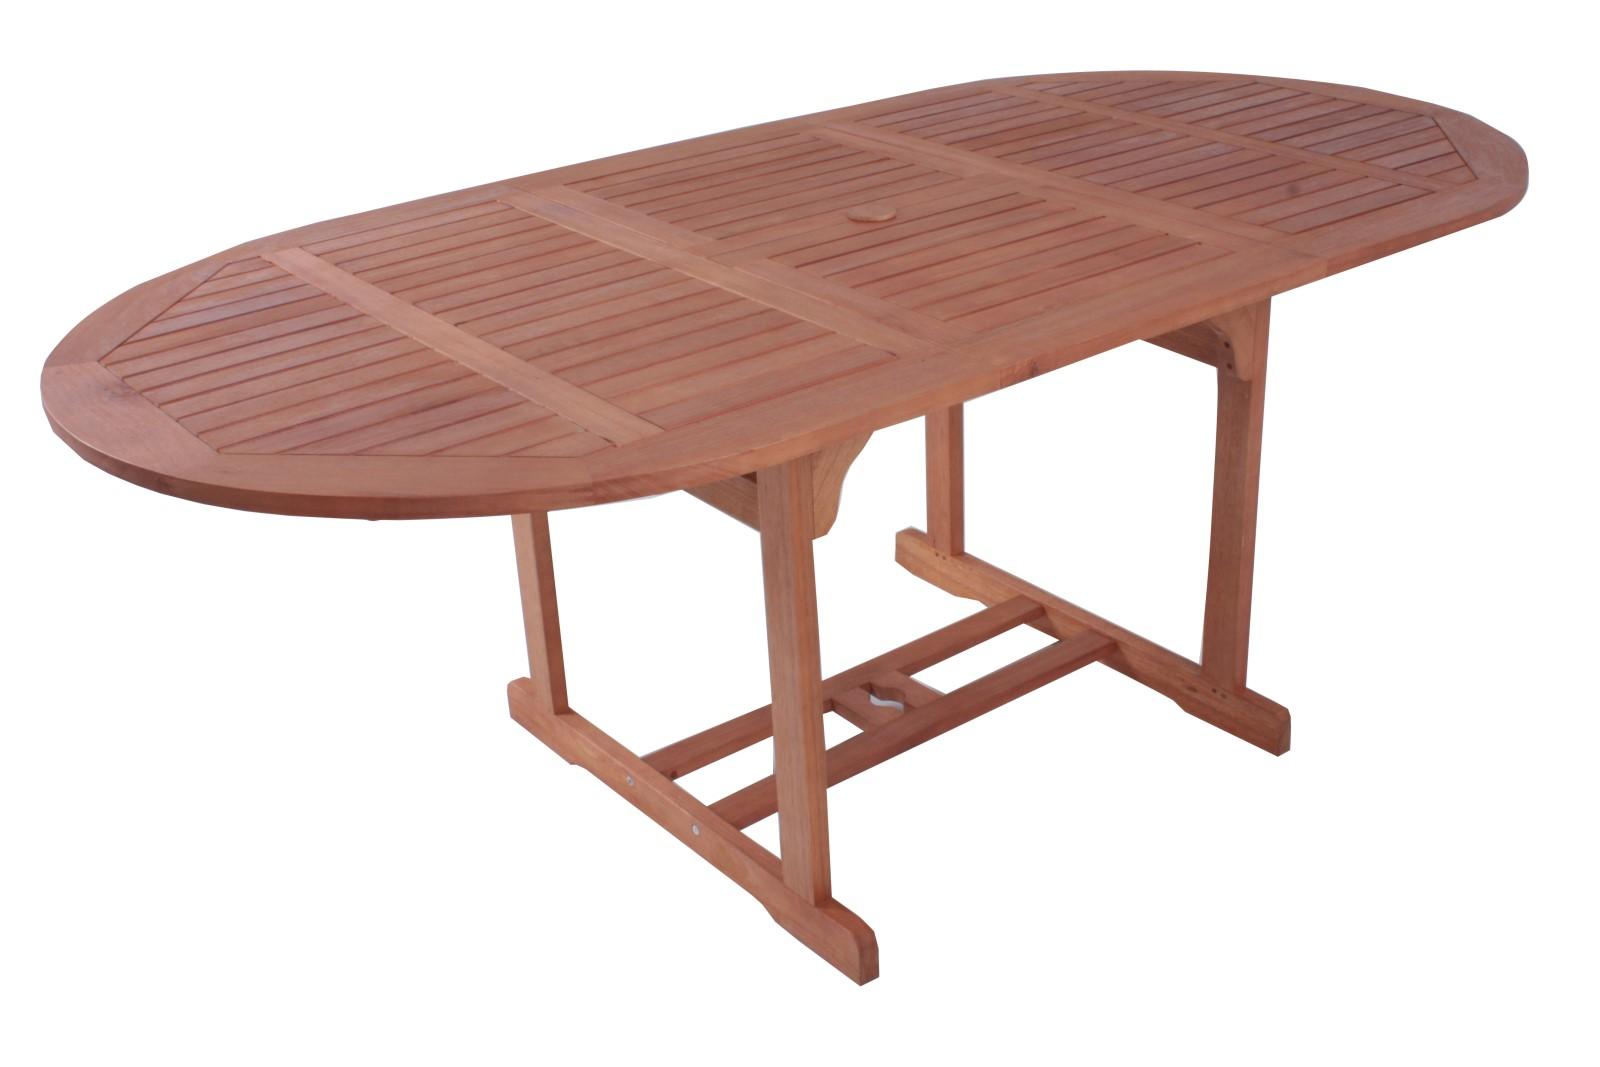 Eukalyptus Tisch Ölen ~ Garden Pleasure Holz Gartentisch Boston Garten Terrasse Tisch FSC Eukalyptus